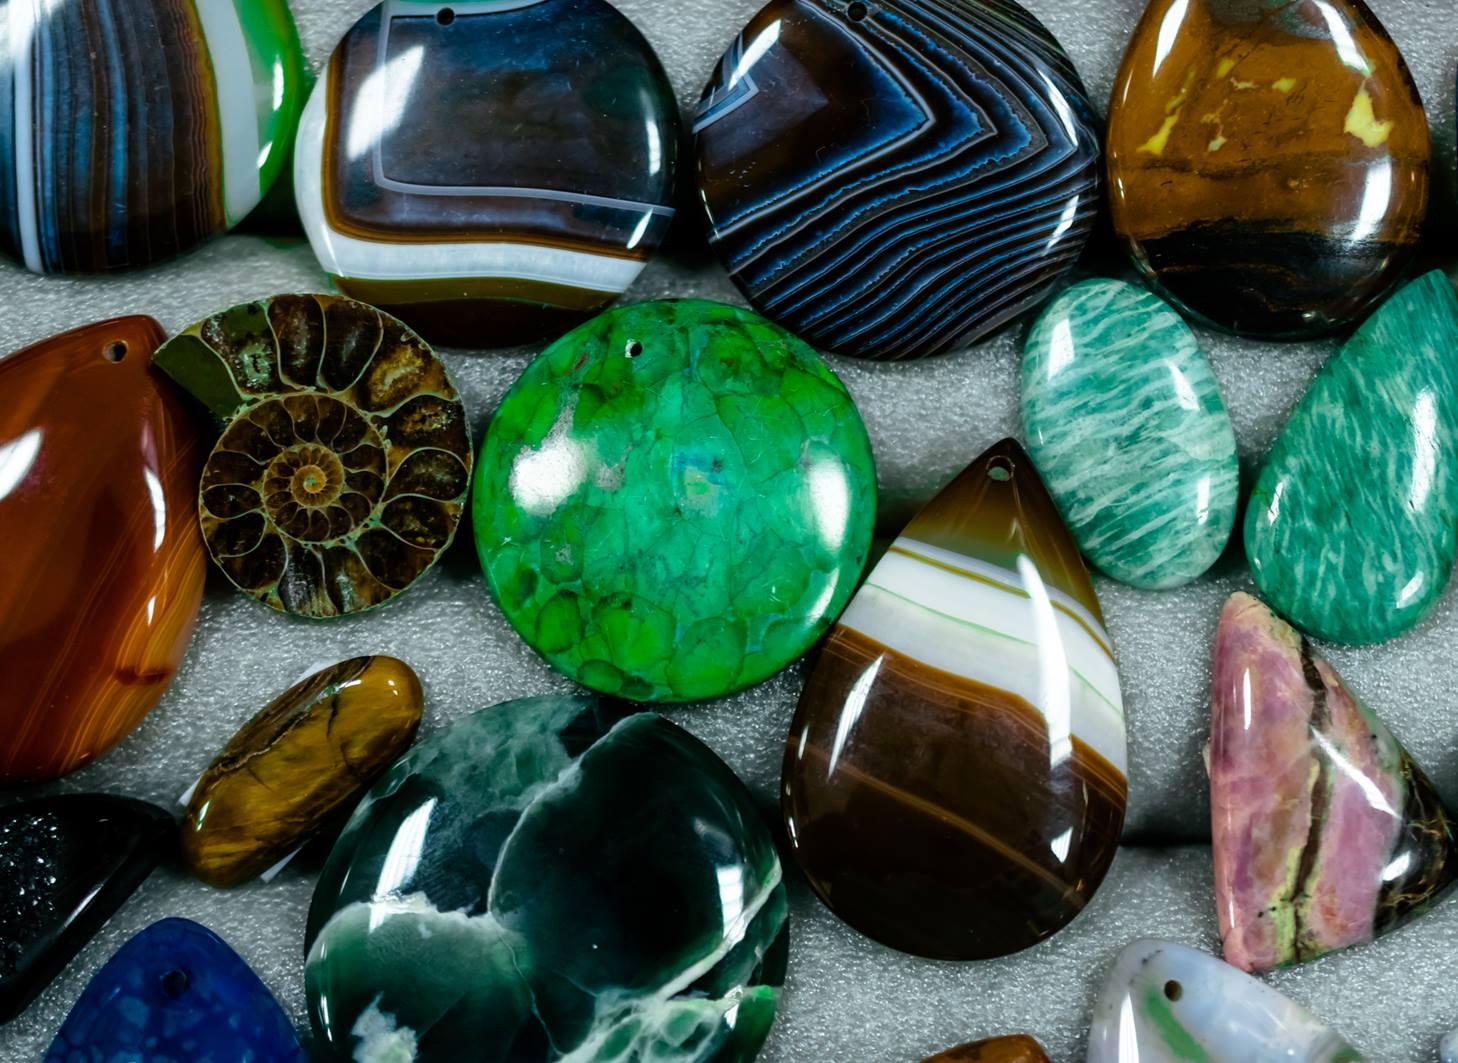 ניתן ללמוד להכיר את האבנים, ללמוד את התכונות שלהן, וכל טיפים לשימוש עצמי בהן.